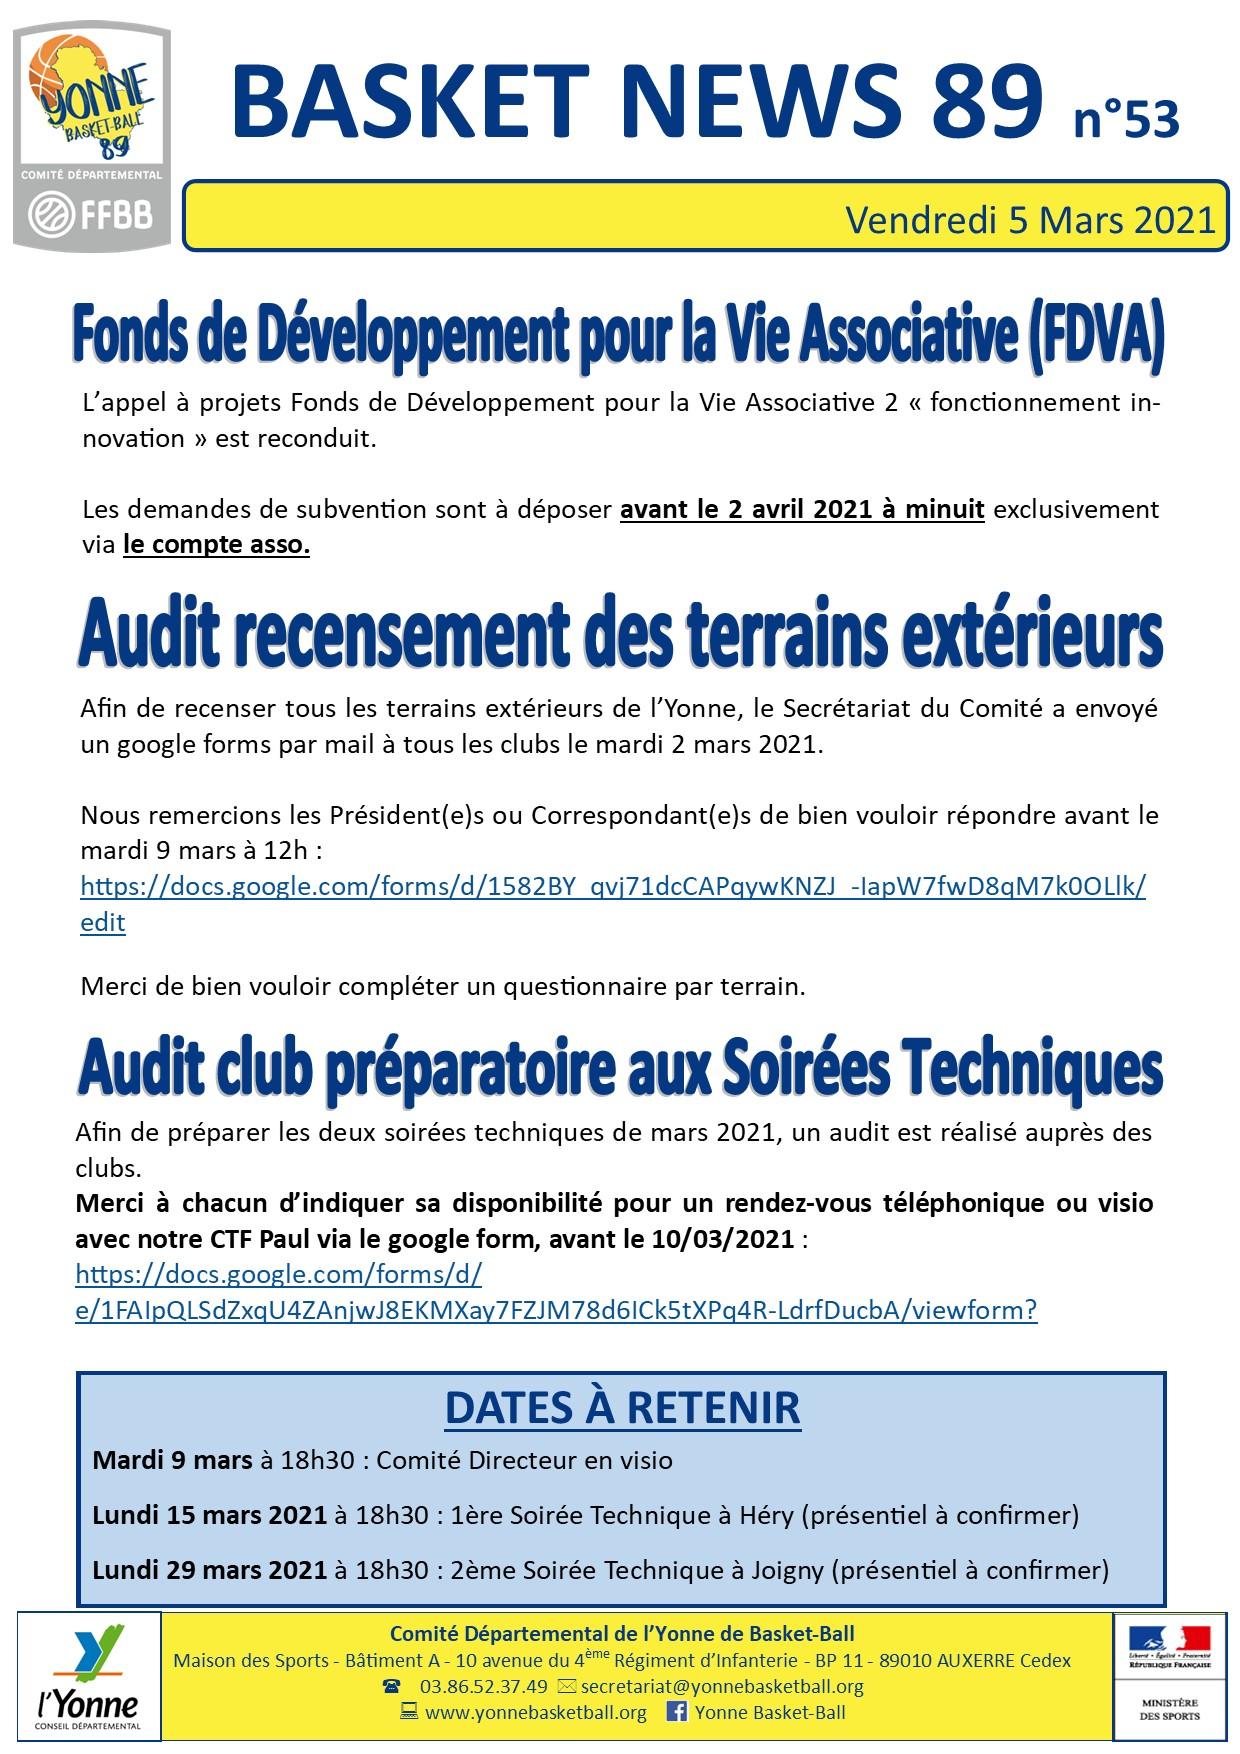 Newsletter n°53 mars 2021